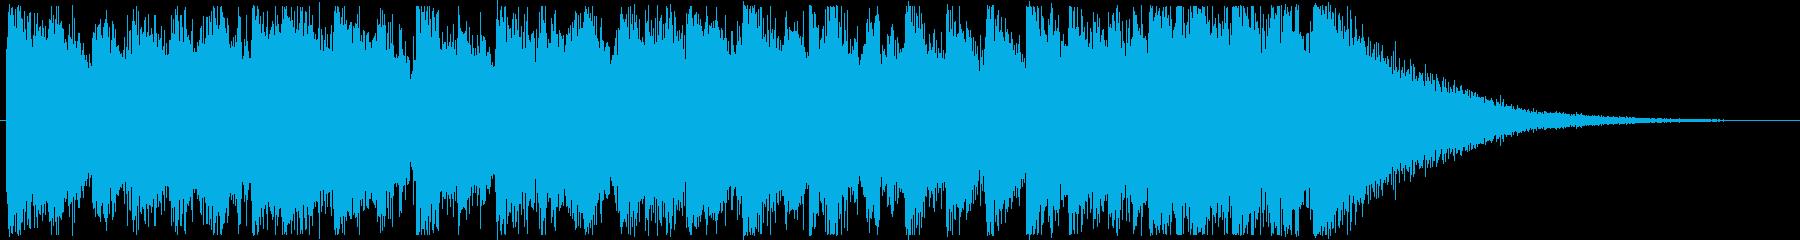 映像・ジングル・楽しいファンク・12秒の再生済みの波形